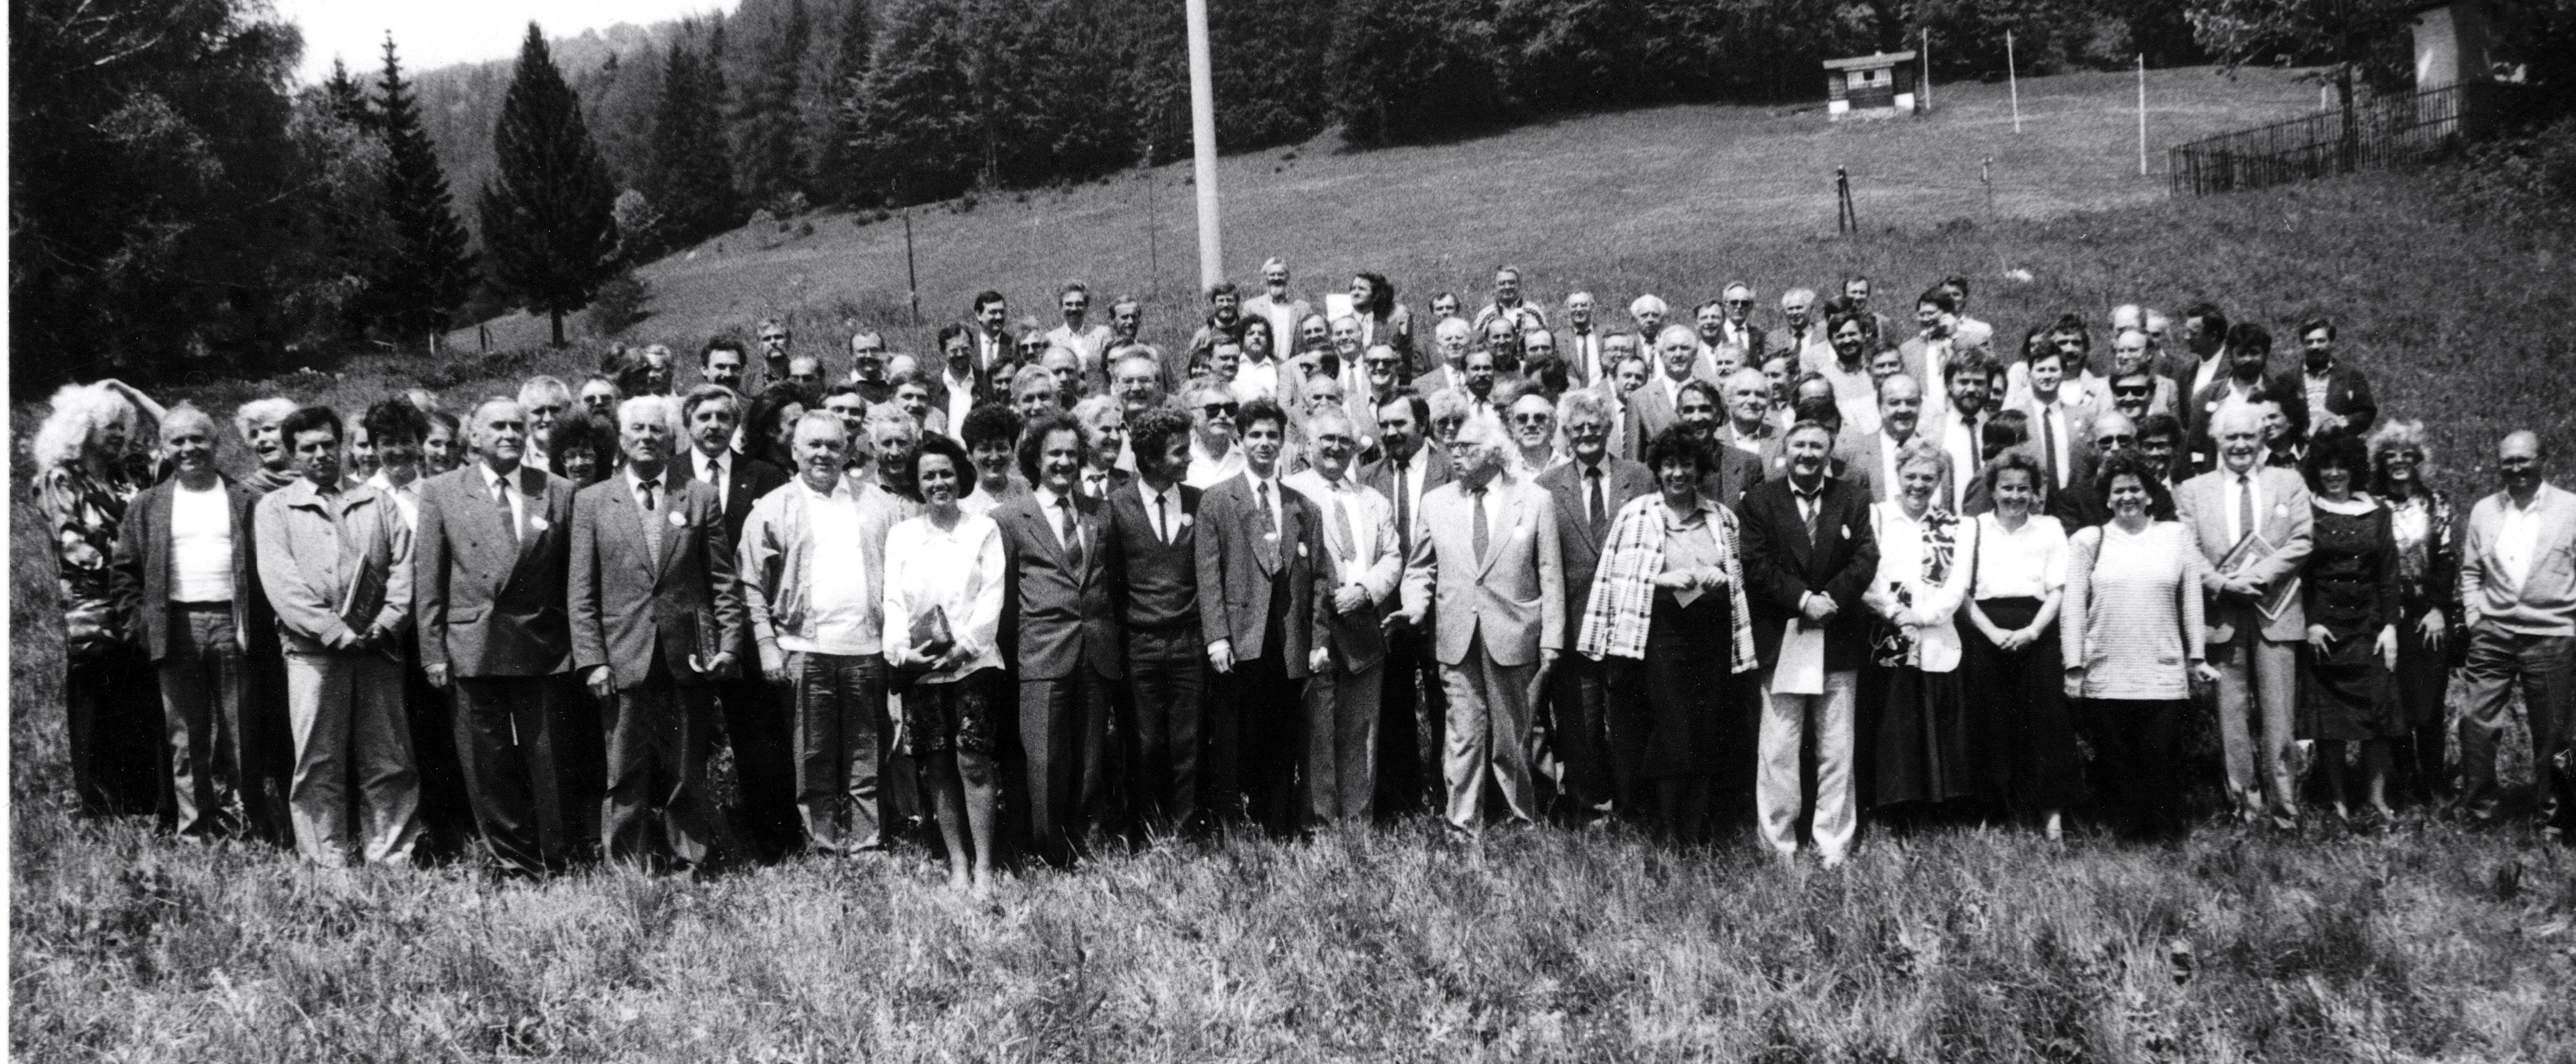 Spoločná fotografia z 30. mája 1992 - prelomové stretnutie slovenskej inteligencie na Donovaloch. (Foto: archív)